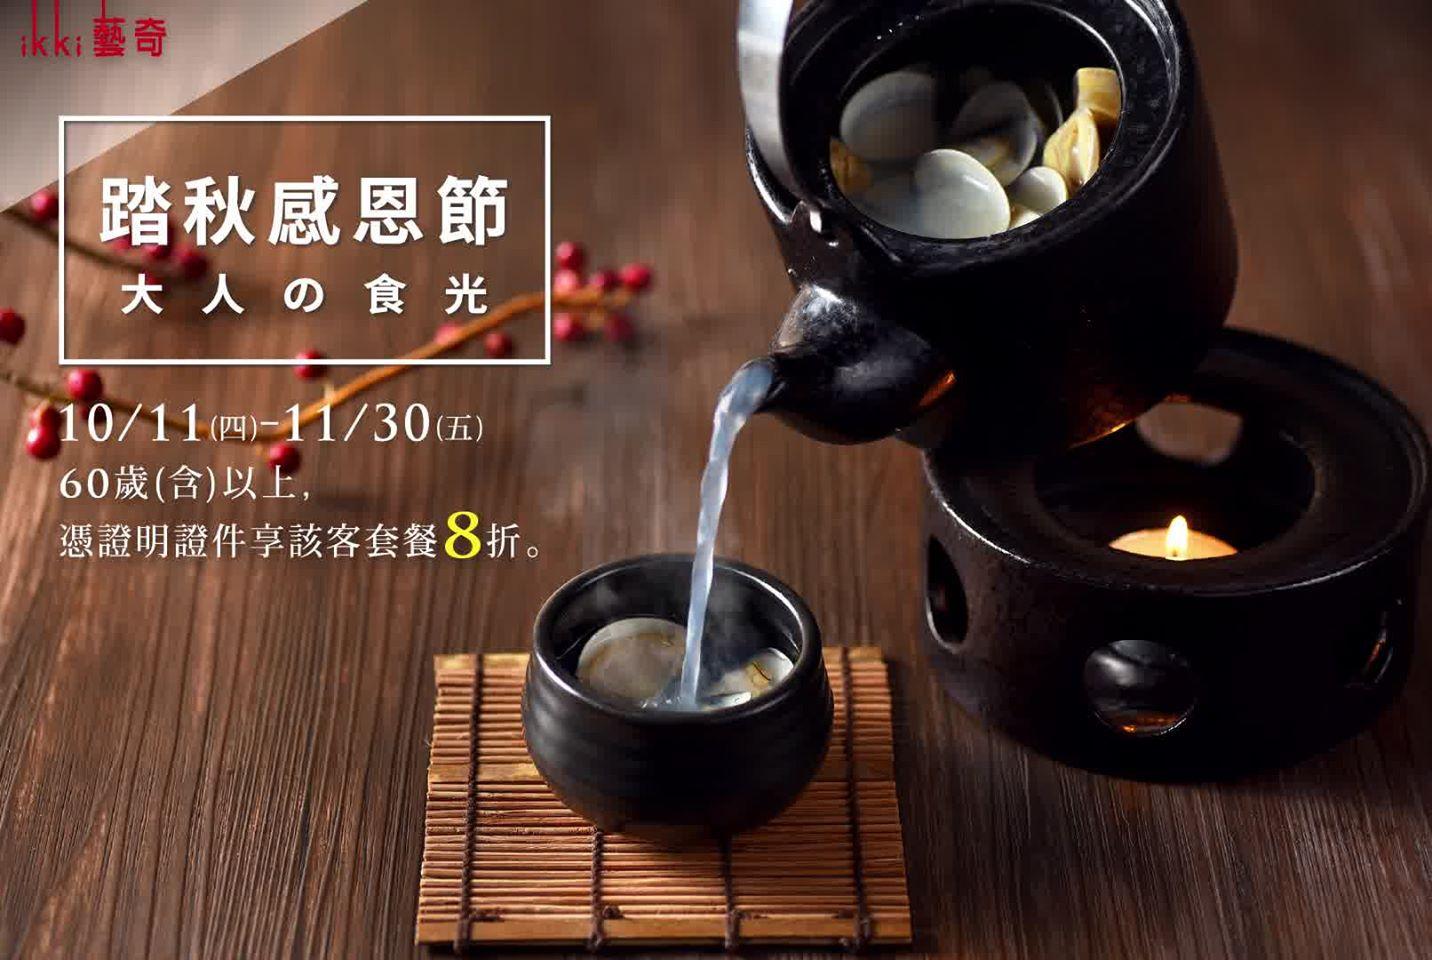 藝奇新日本料理,60歲含以上憑證件即享8 折優待